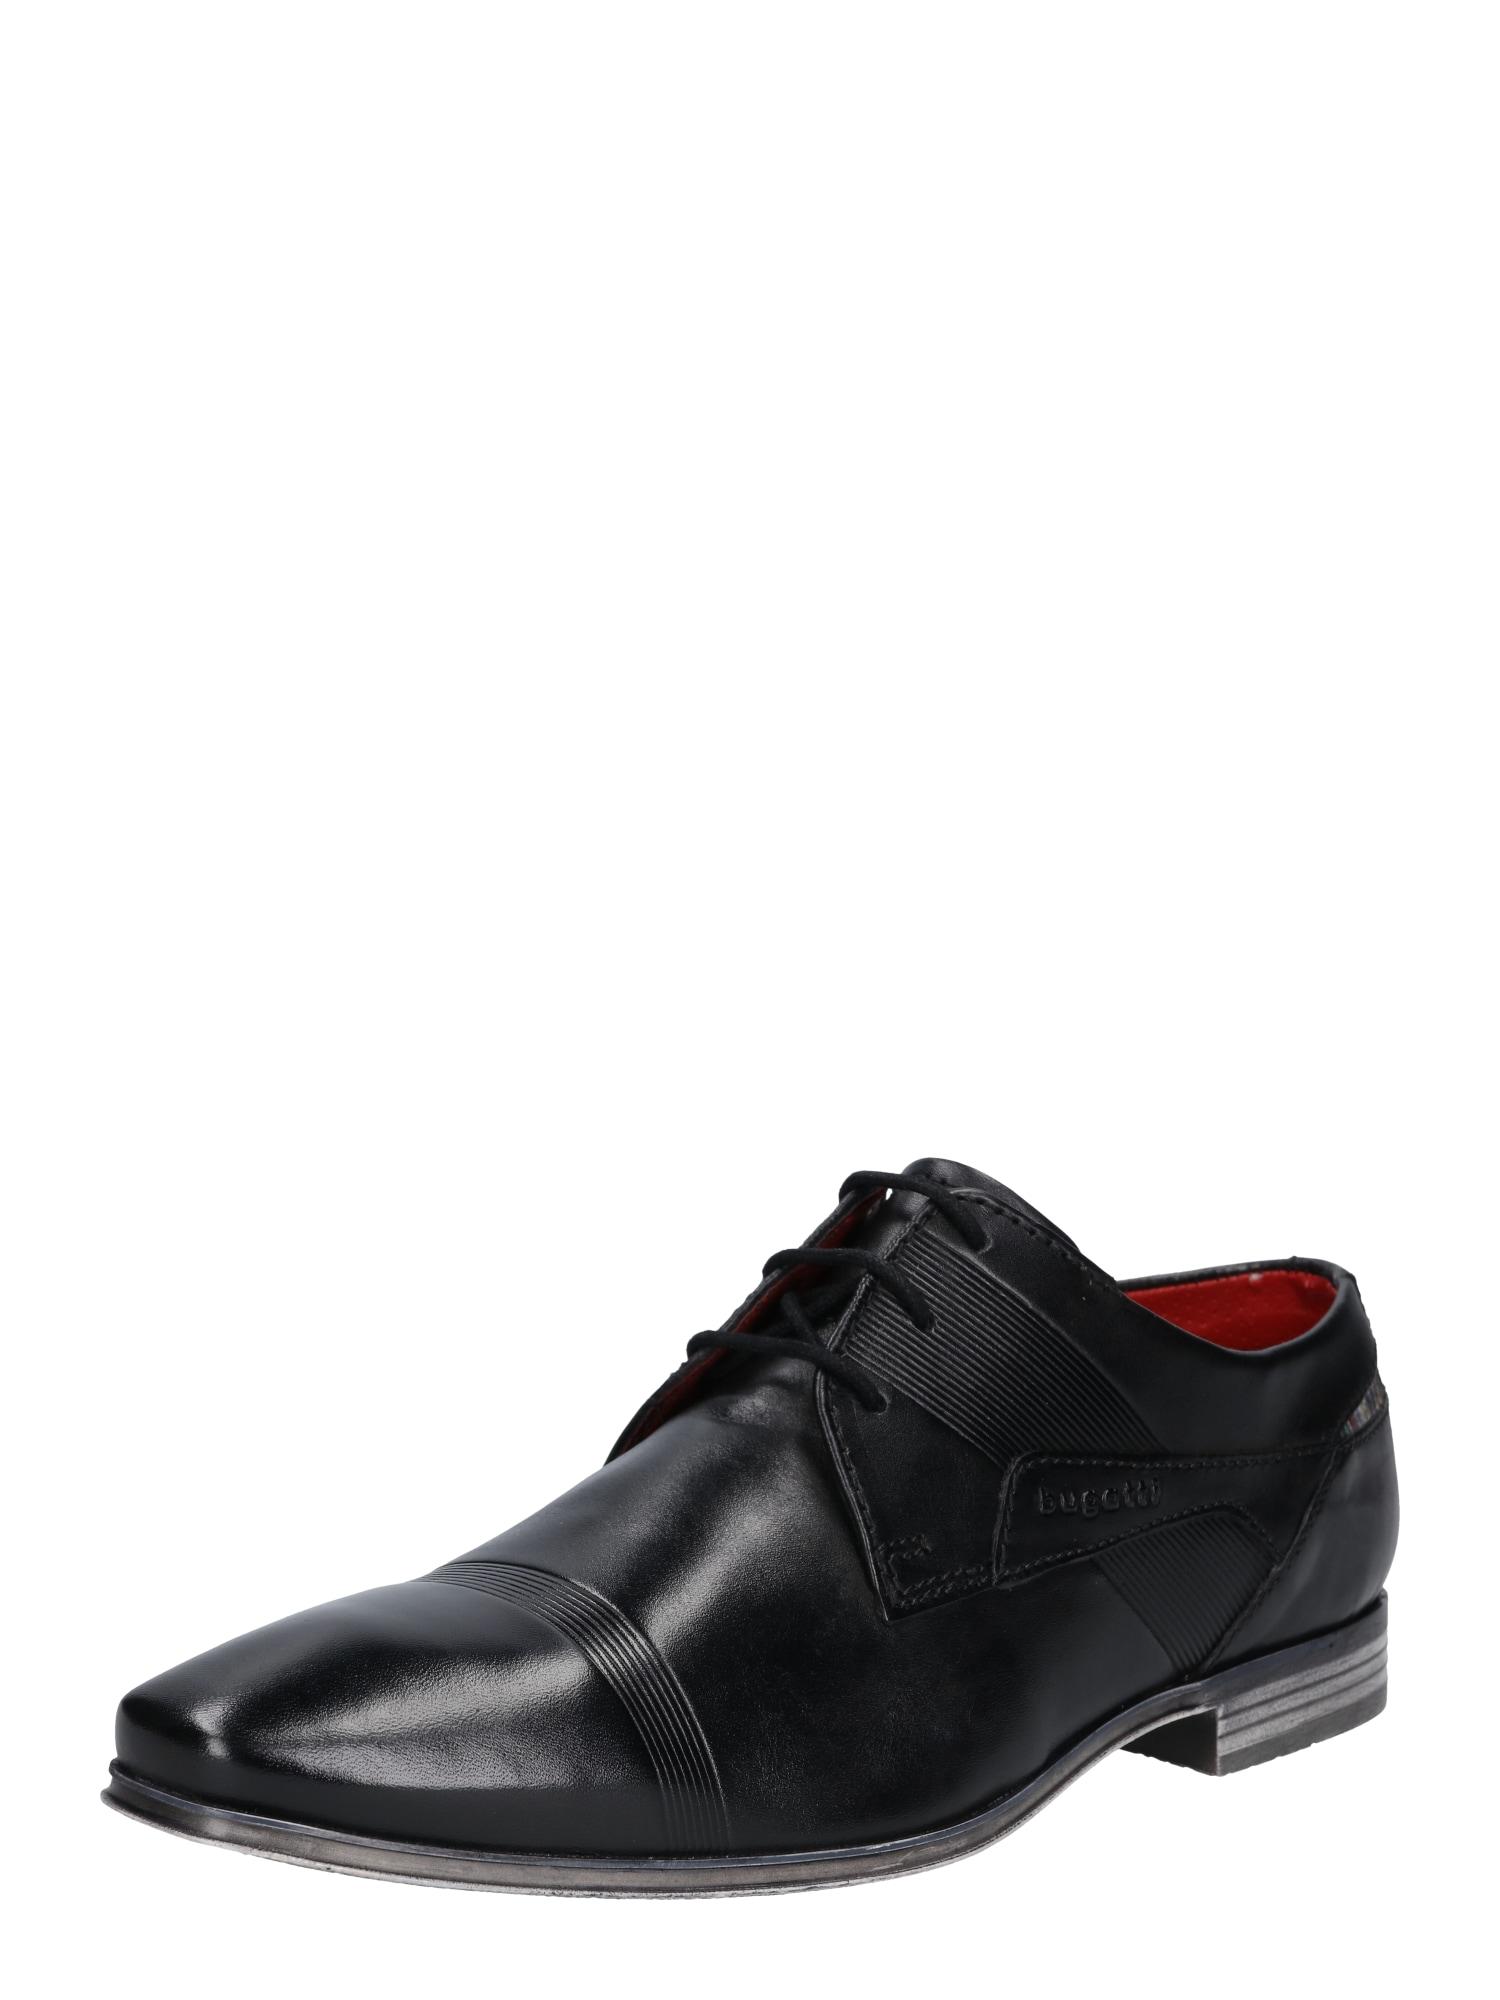 Šněrovací boty Morino černá Bugatti